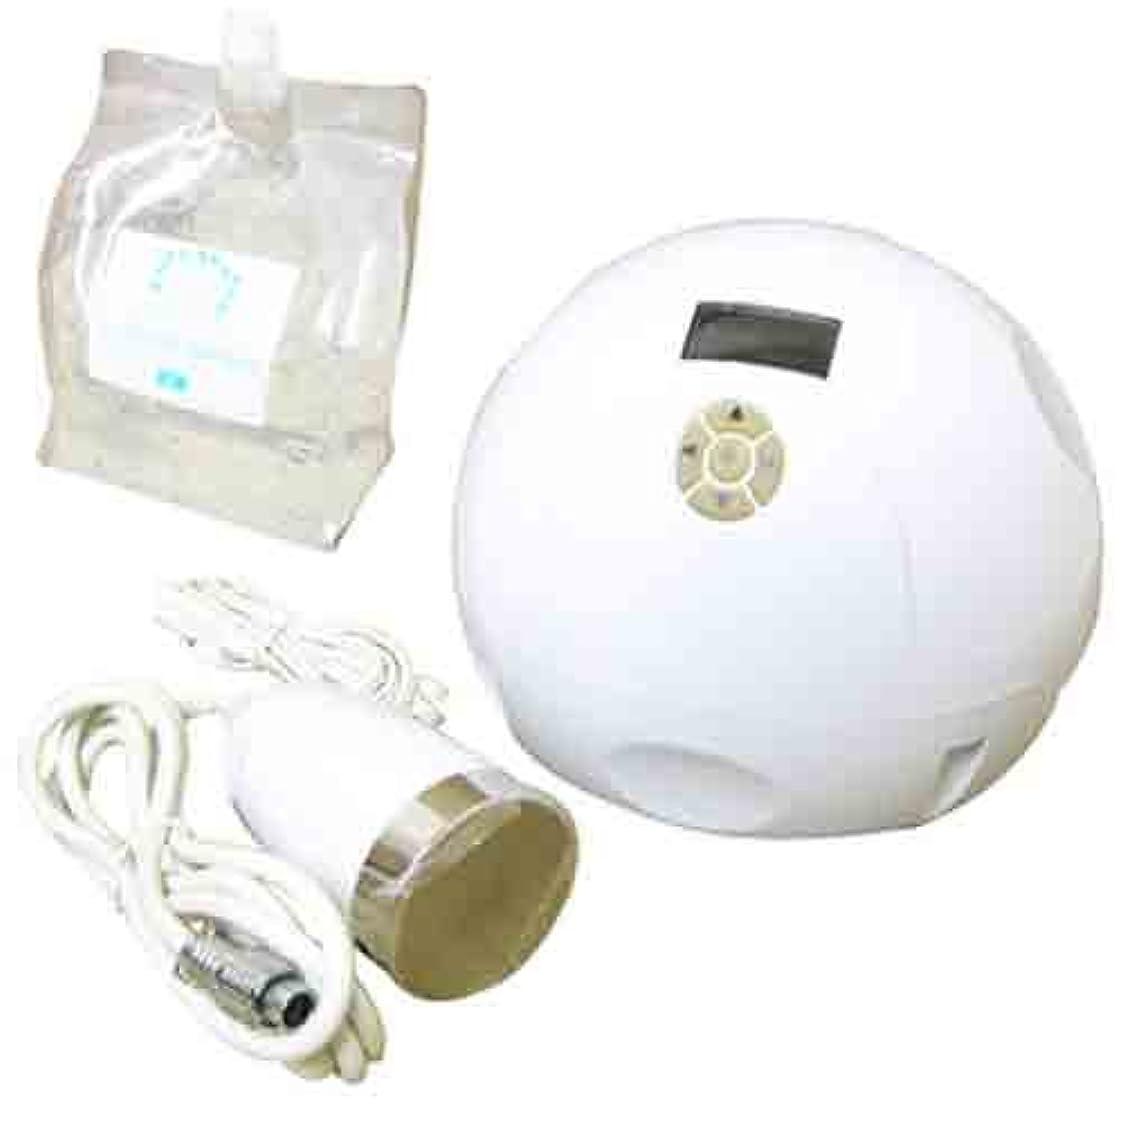 パンリフト端末家庭用美容器キャビテーション mini-MAX+キャビ&フラッシュジェル〈スーパーハード〉3L付き